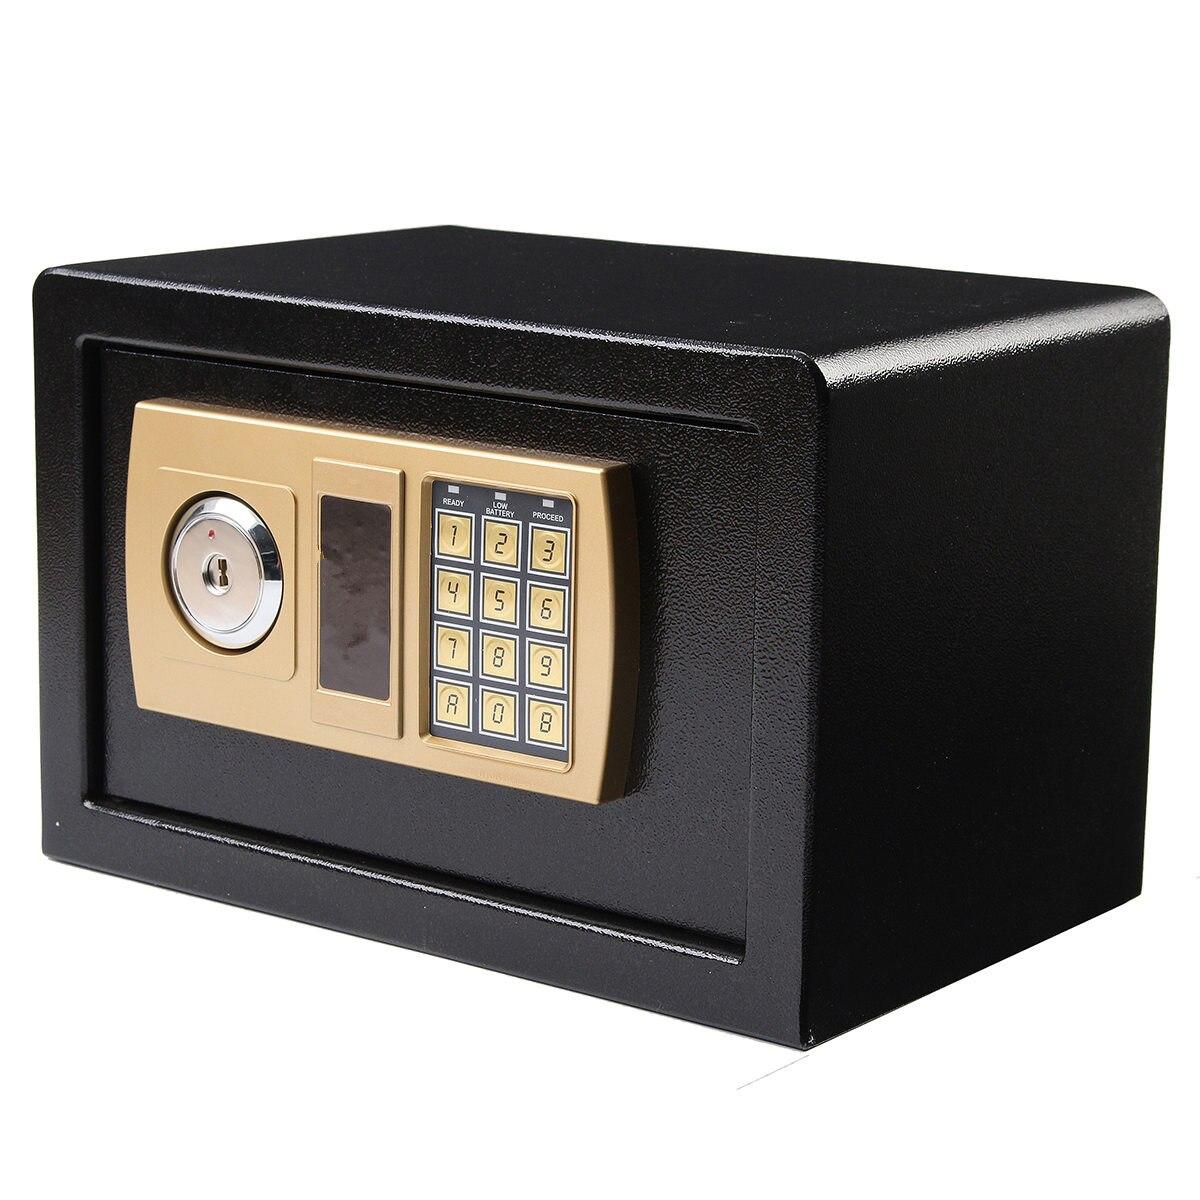 Safurance Роскошная цифровая коробка для хранения денег, сейф для ювелирных изделий, для дома, отеля, замок с клавиатурой, Черная защитная коробка, 2018 новый бренд